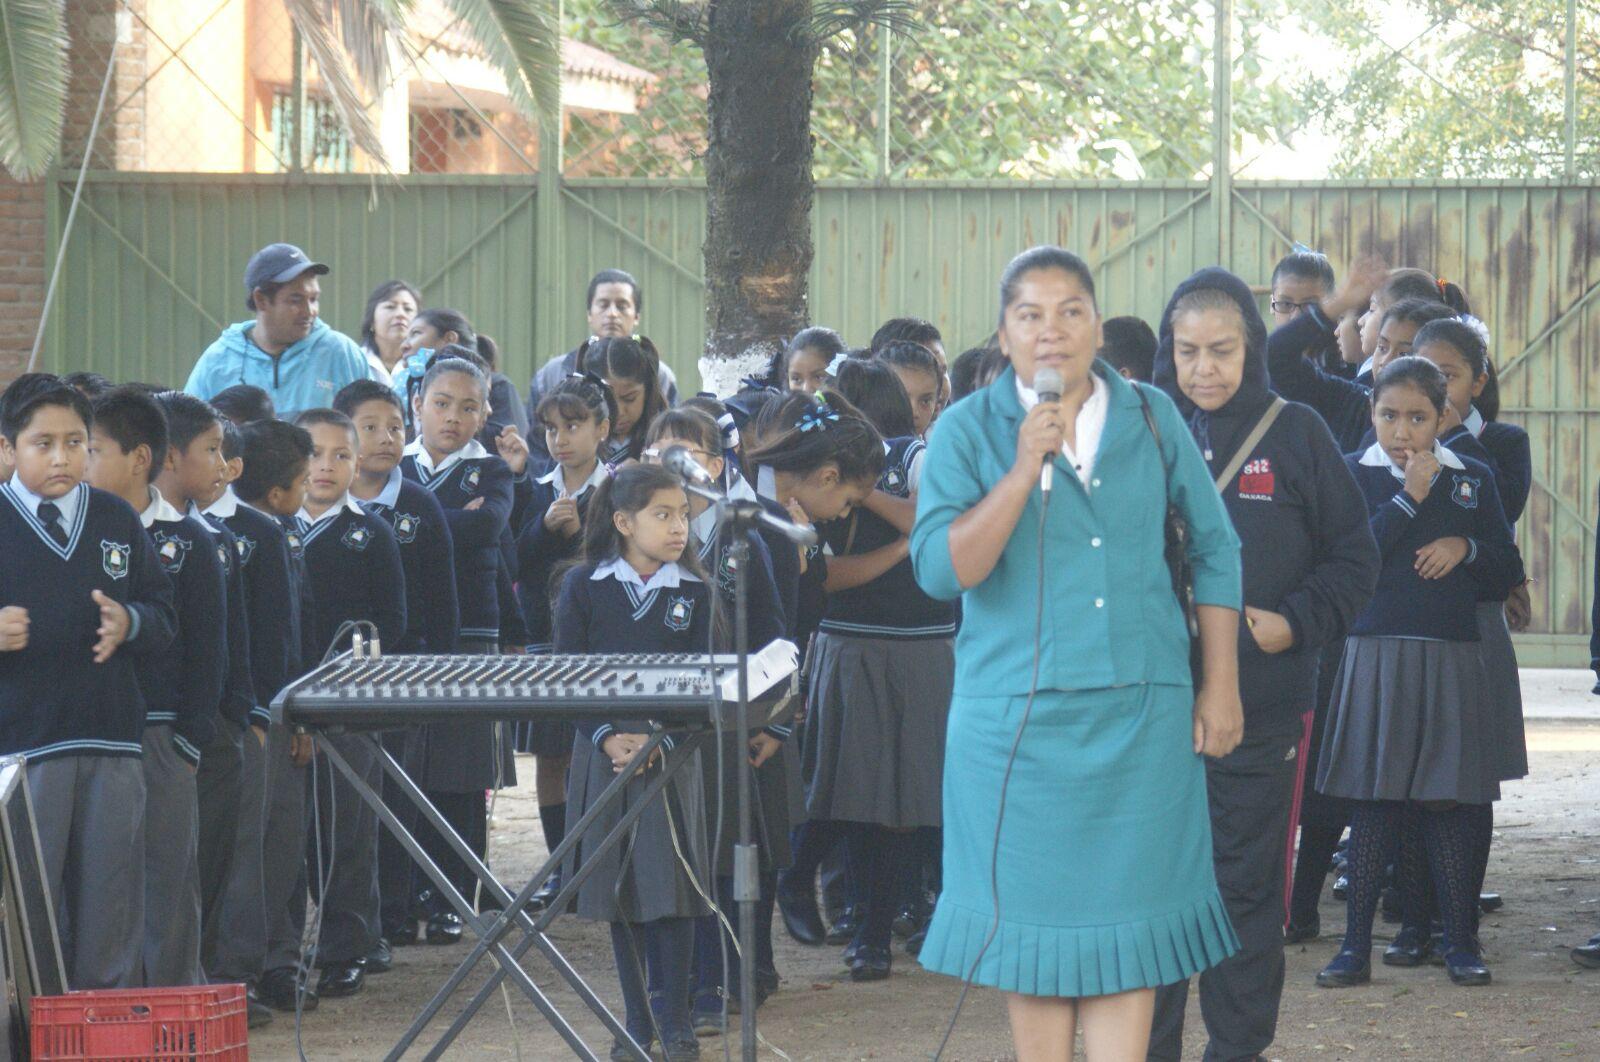 Reanudan clases en la escuela primaria Paul Percy Harris. ~ OAXACA ...